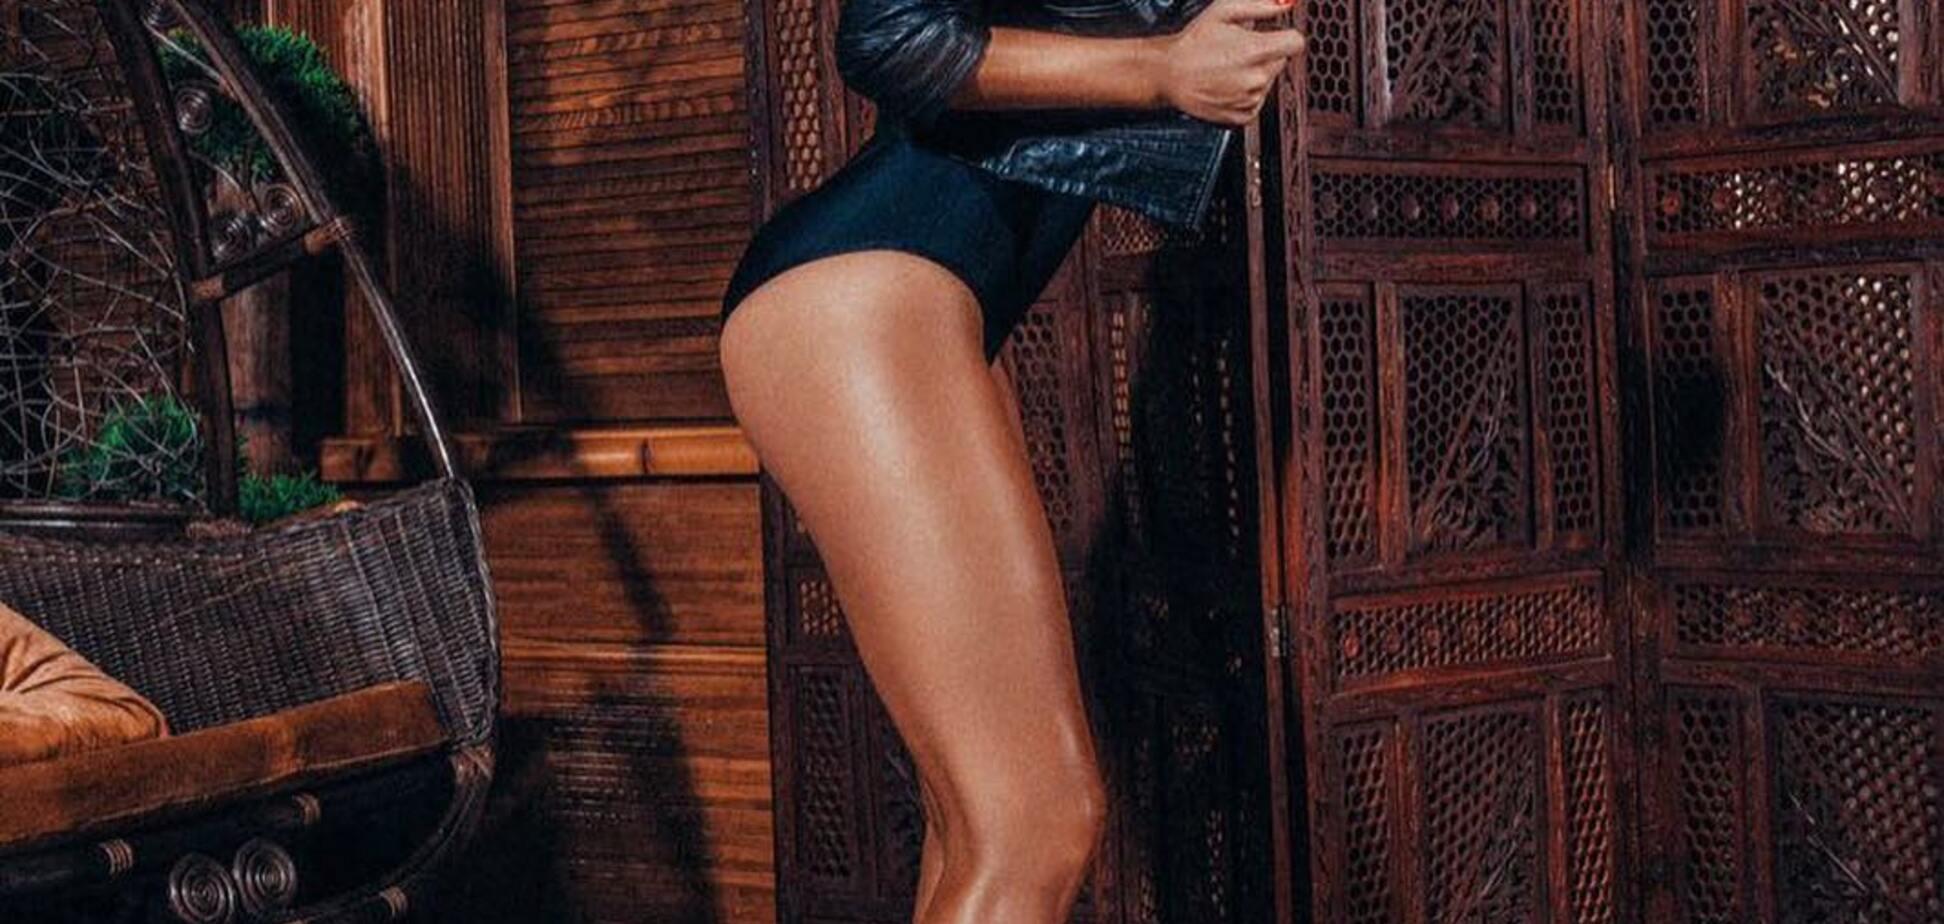 'На обложку Playboy!' Чемпионка Украины по фитнес-бикини восхитила соцсети возбуждающим фото